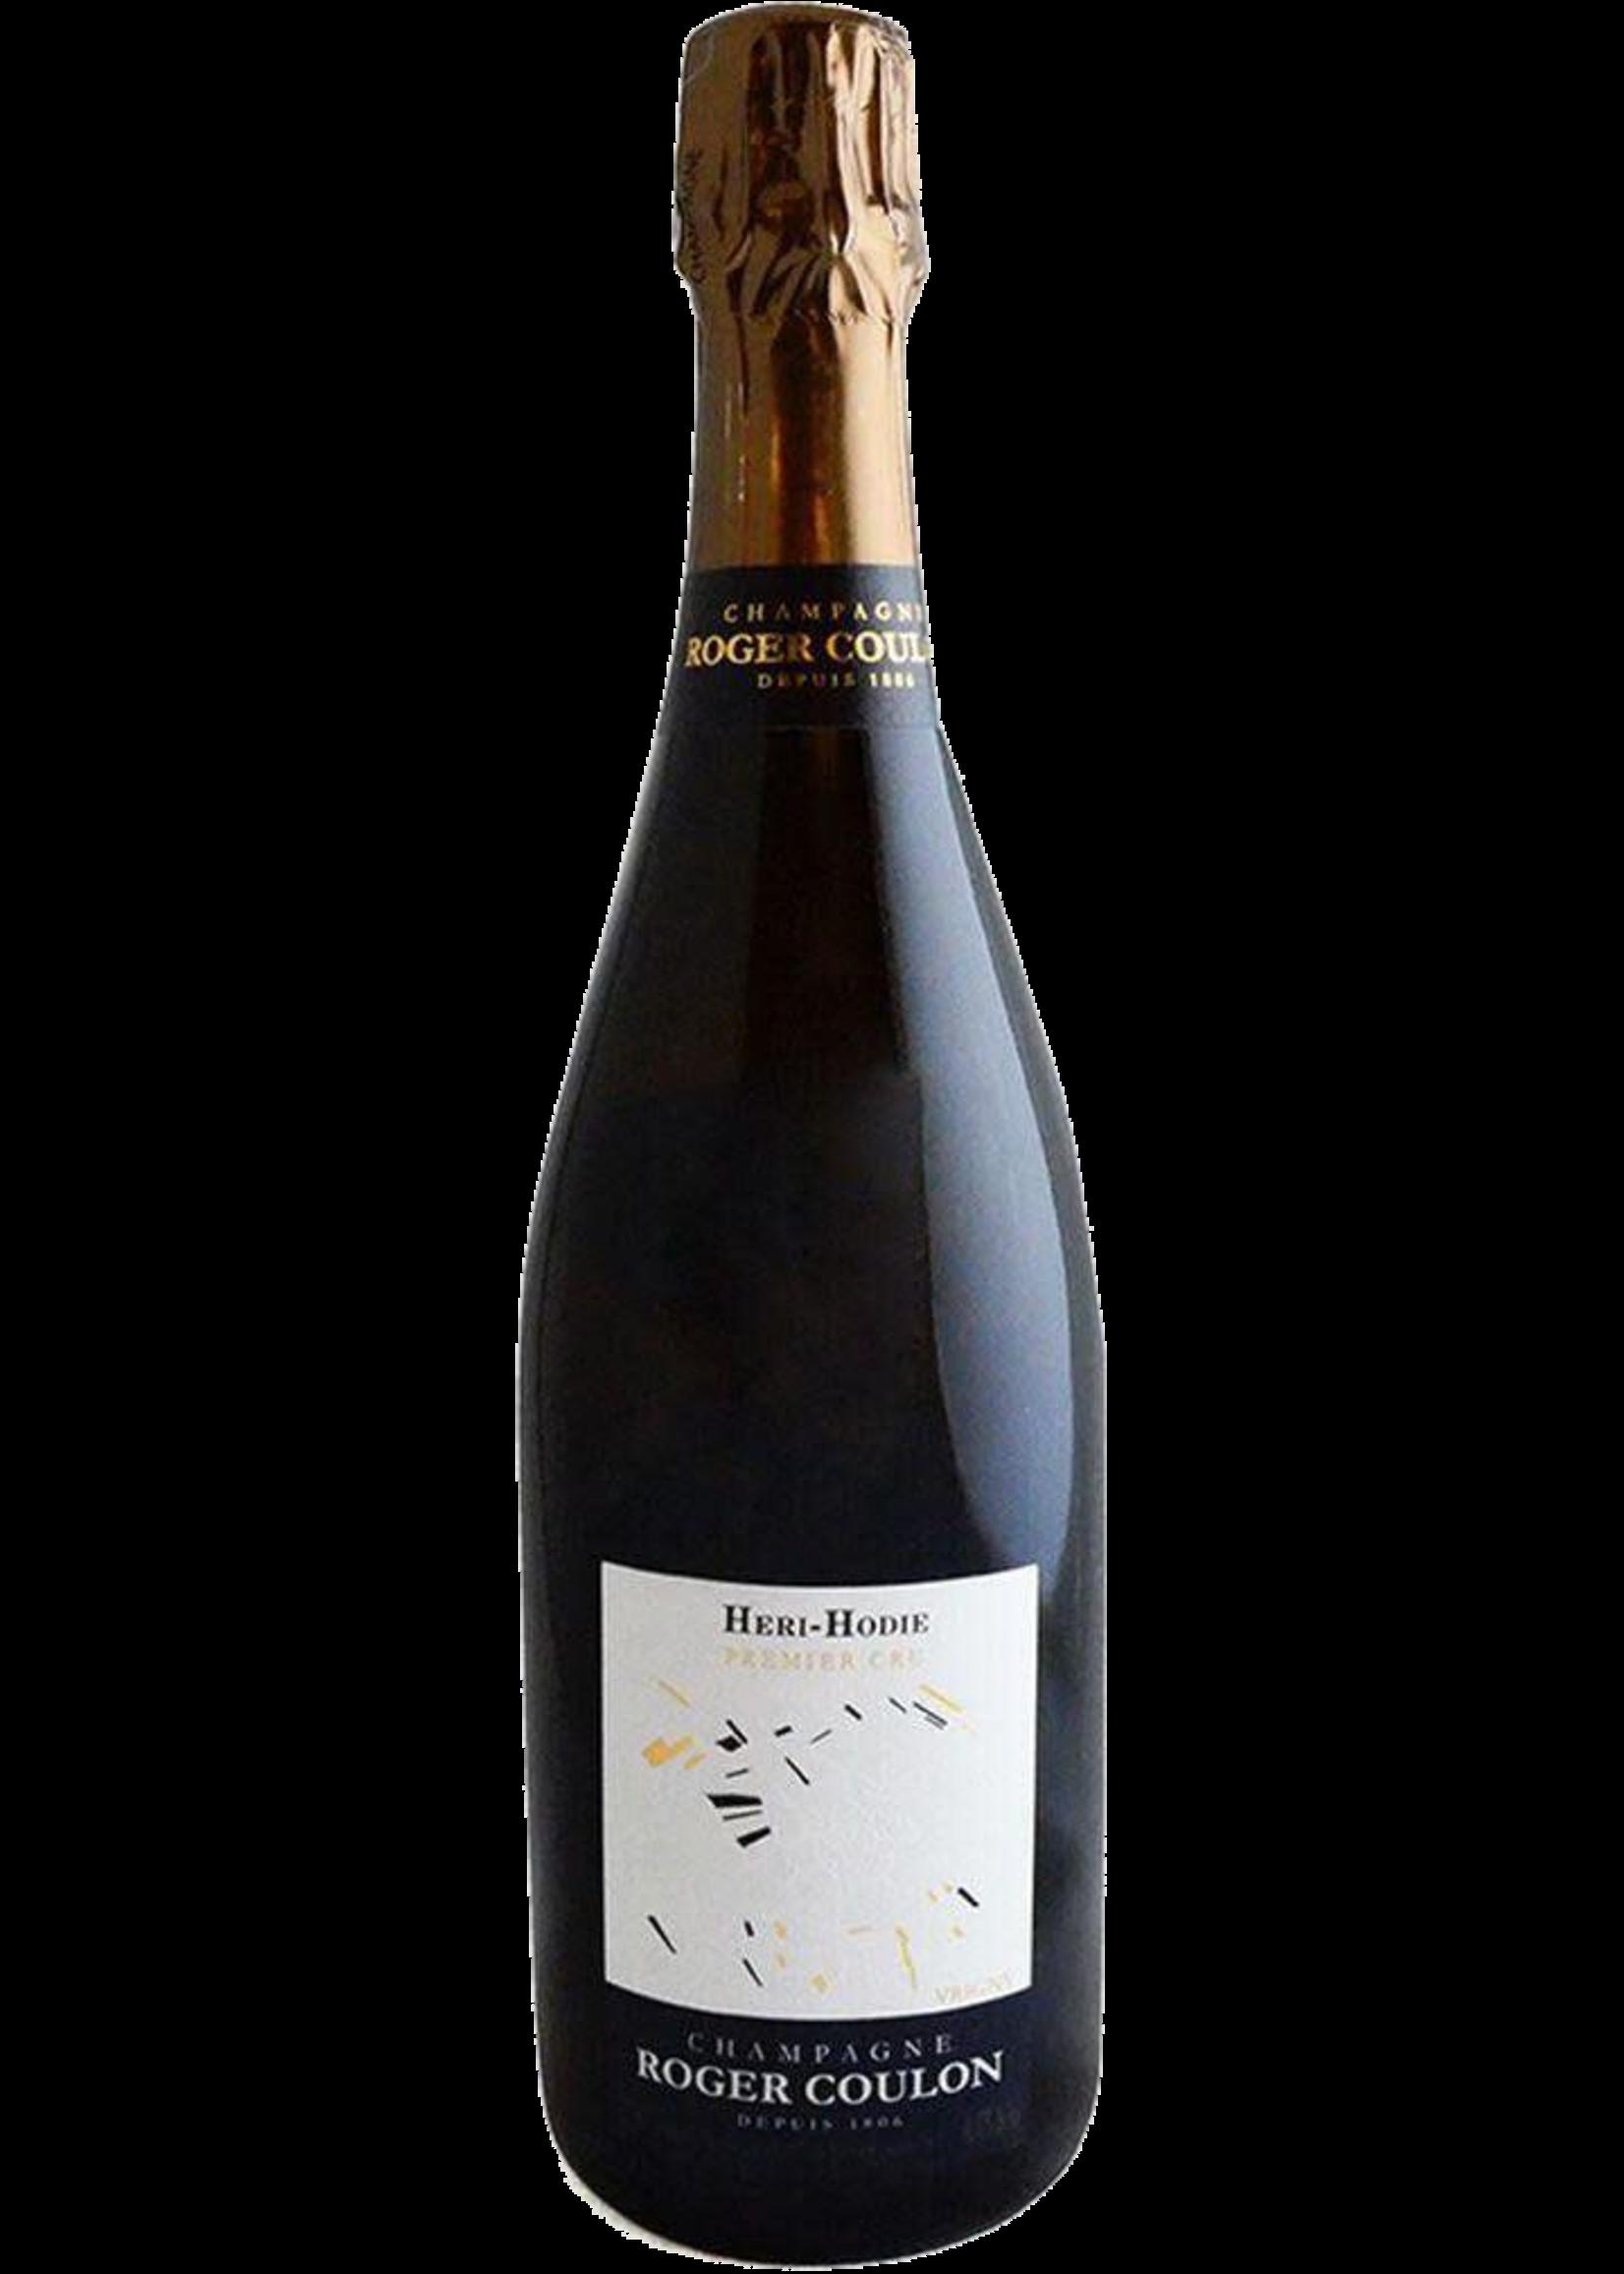 Roger Coulon Champagne Roger Coulon / Brut Grande Tradition Heri-Hodie 1er Cru (NV) / 750mL